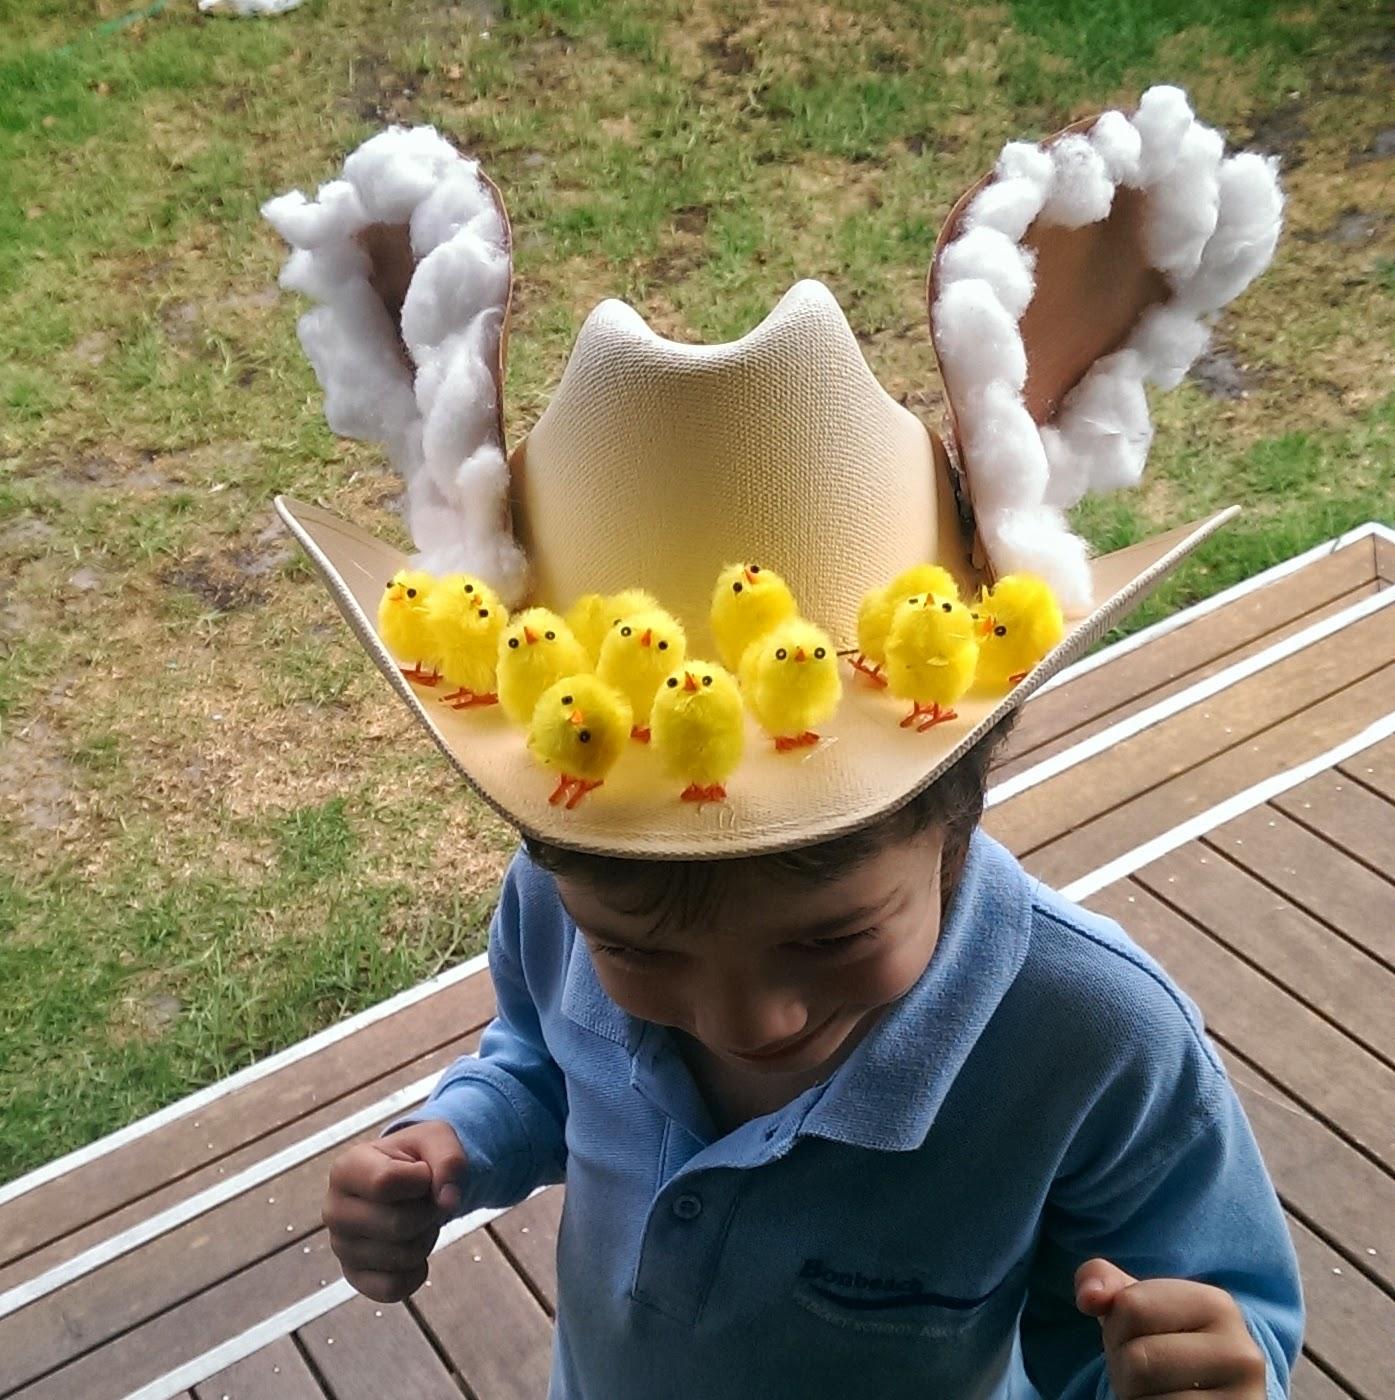 Cowboy Easter Bonnet Tuesday April 1 2014